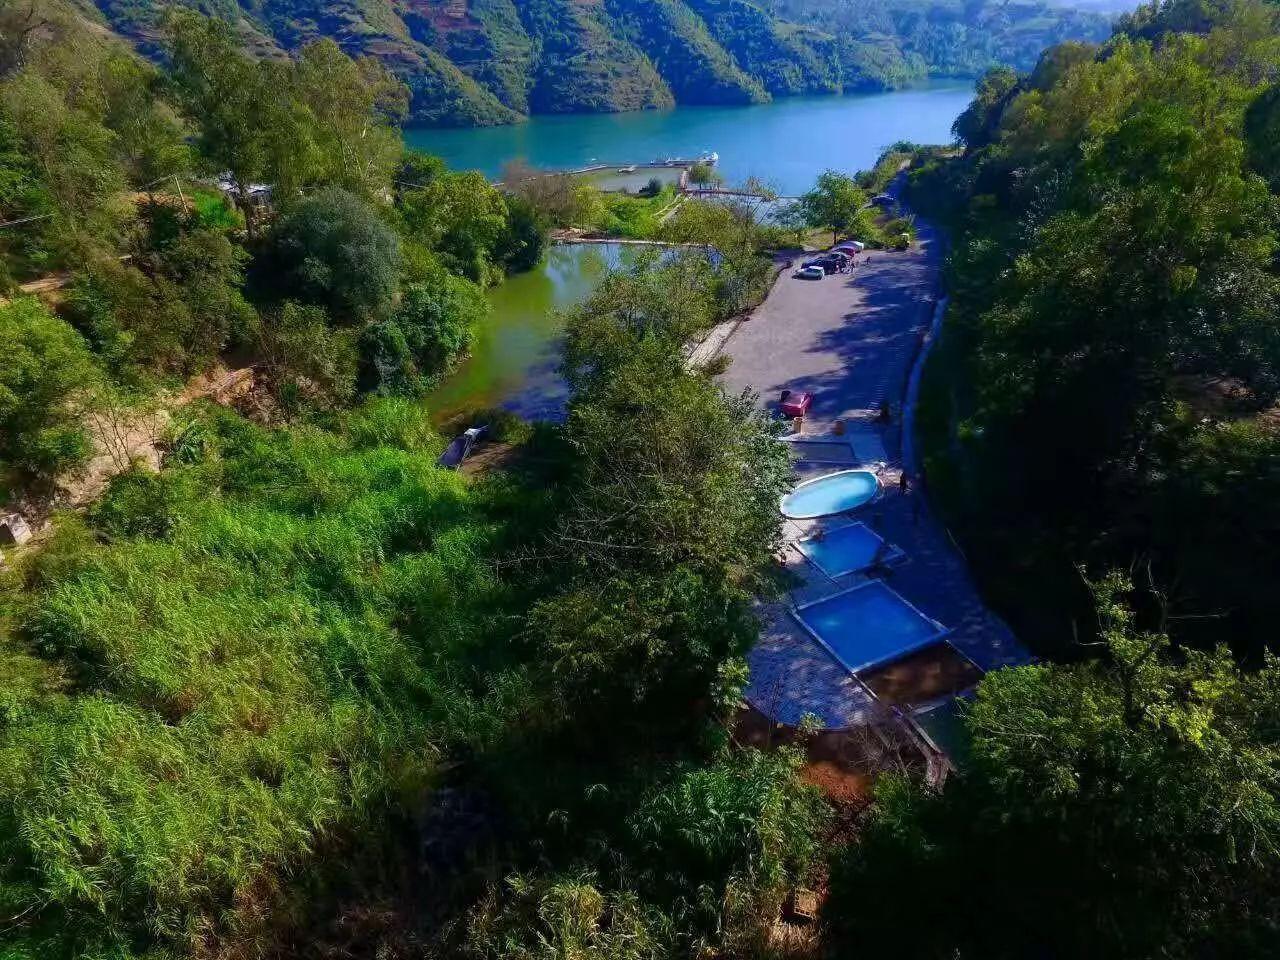 云南最适合自驾游的温泉景区风景独美我要去大自然中泡温泉!(图7)